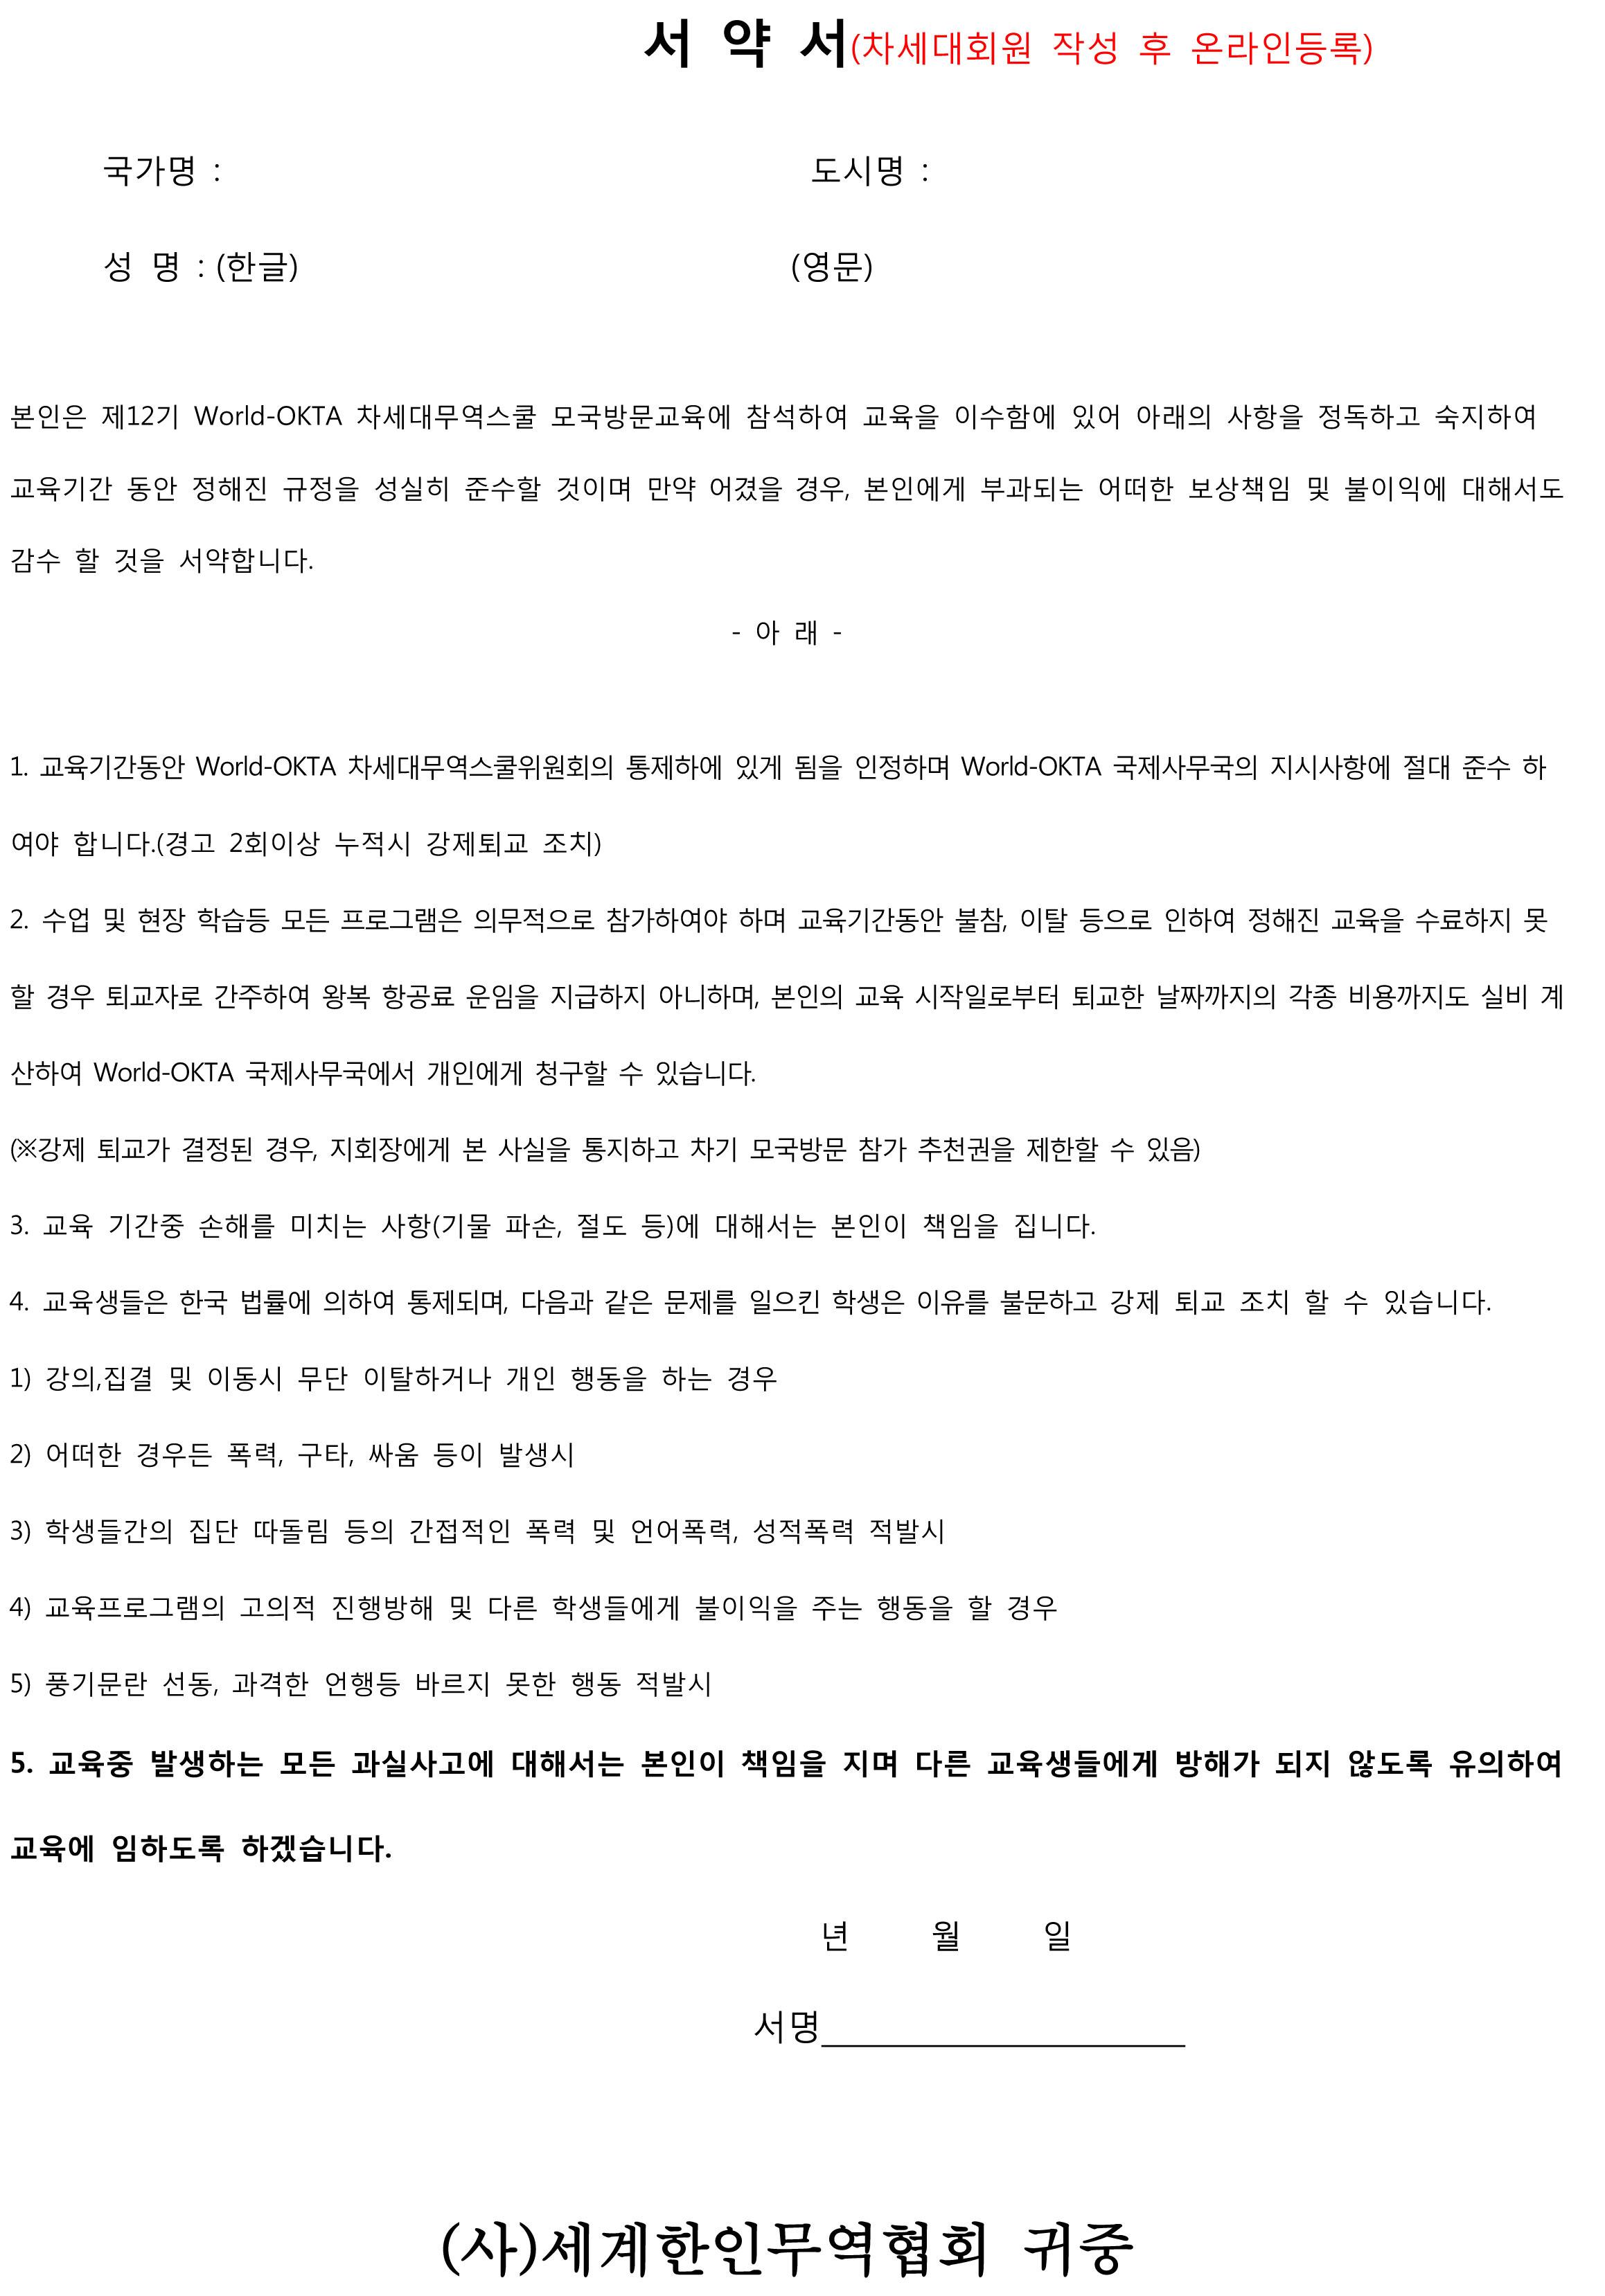 17-131 제12기 차세대무역스쿨 모국방문 신청안내-5.jpg